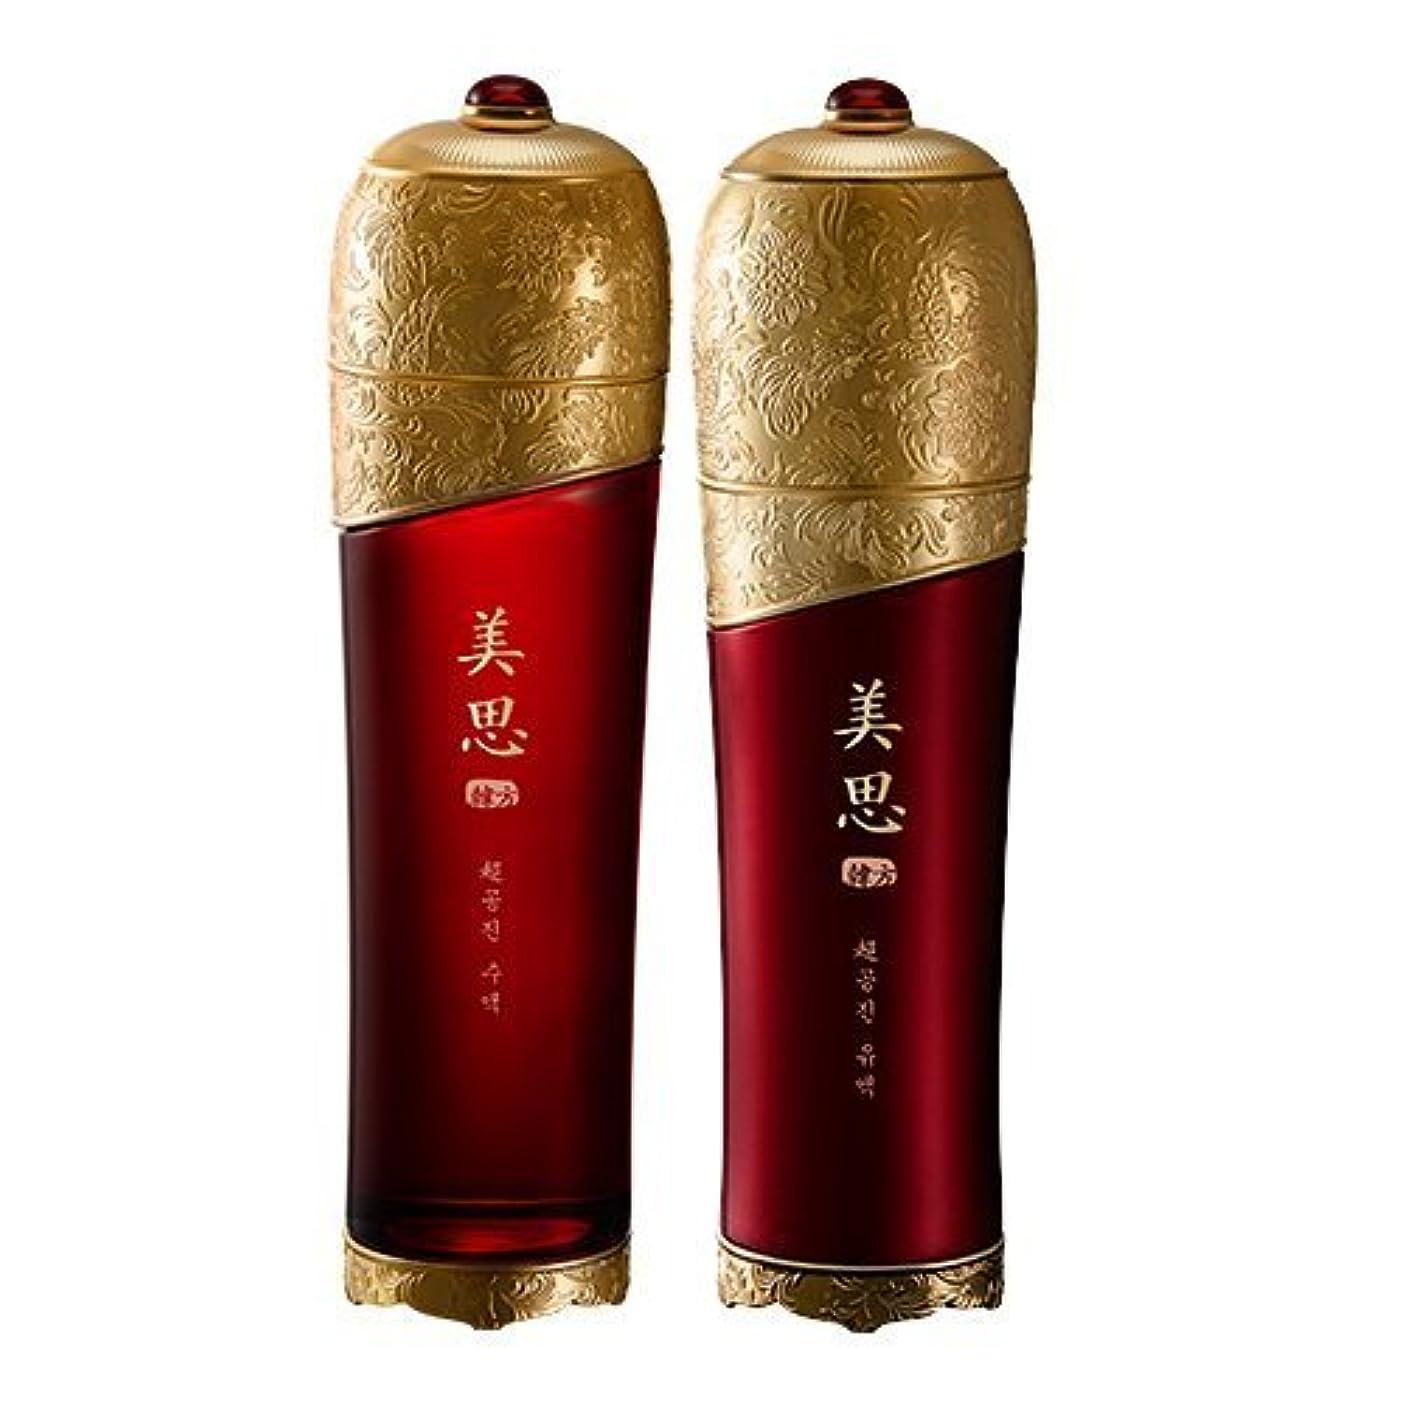 日焼け開発教えるMISSHA(ミシャ) 美思 韓方 チョゴンジン 基礎化粧品 スキンケア 化粧水+乳液=お得2種Set